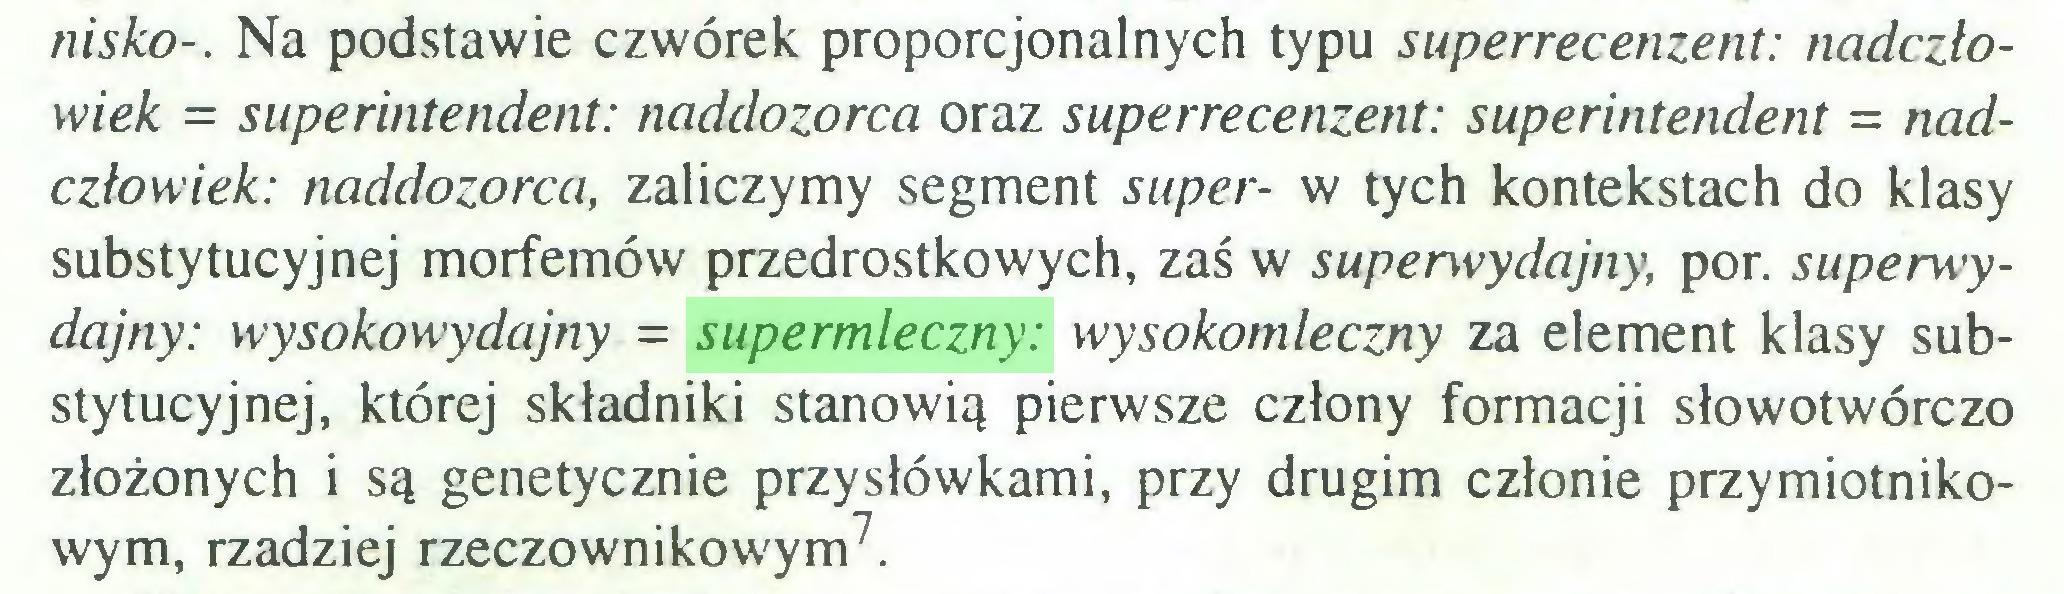 (...) nisko-. Na podstawie czwórek proporcjonalnych typu superrecenzent: nadczłowiek = superintendent: naddozorca oraz superrecenzent: superintendent = nadczlowiek: naddozorca, zaliczymy segment super- w tych kontekstach do klasy substytucyjnej morfemów przedrostkowych, zaś w superwydajny, por. superwydajny: wysokowydajny = supermleczny: wysokomleczny za element klasy substytucyjnej, której składniki stanowią pierwsze człony formacji słowotwórczo złożonych i są genetycznie przysłówkami, przy drugim członie przymiotnikowym, rzadziej rzeczownikowym7...